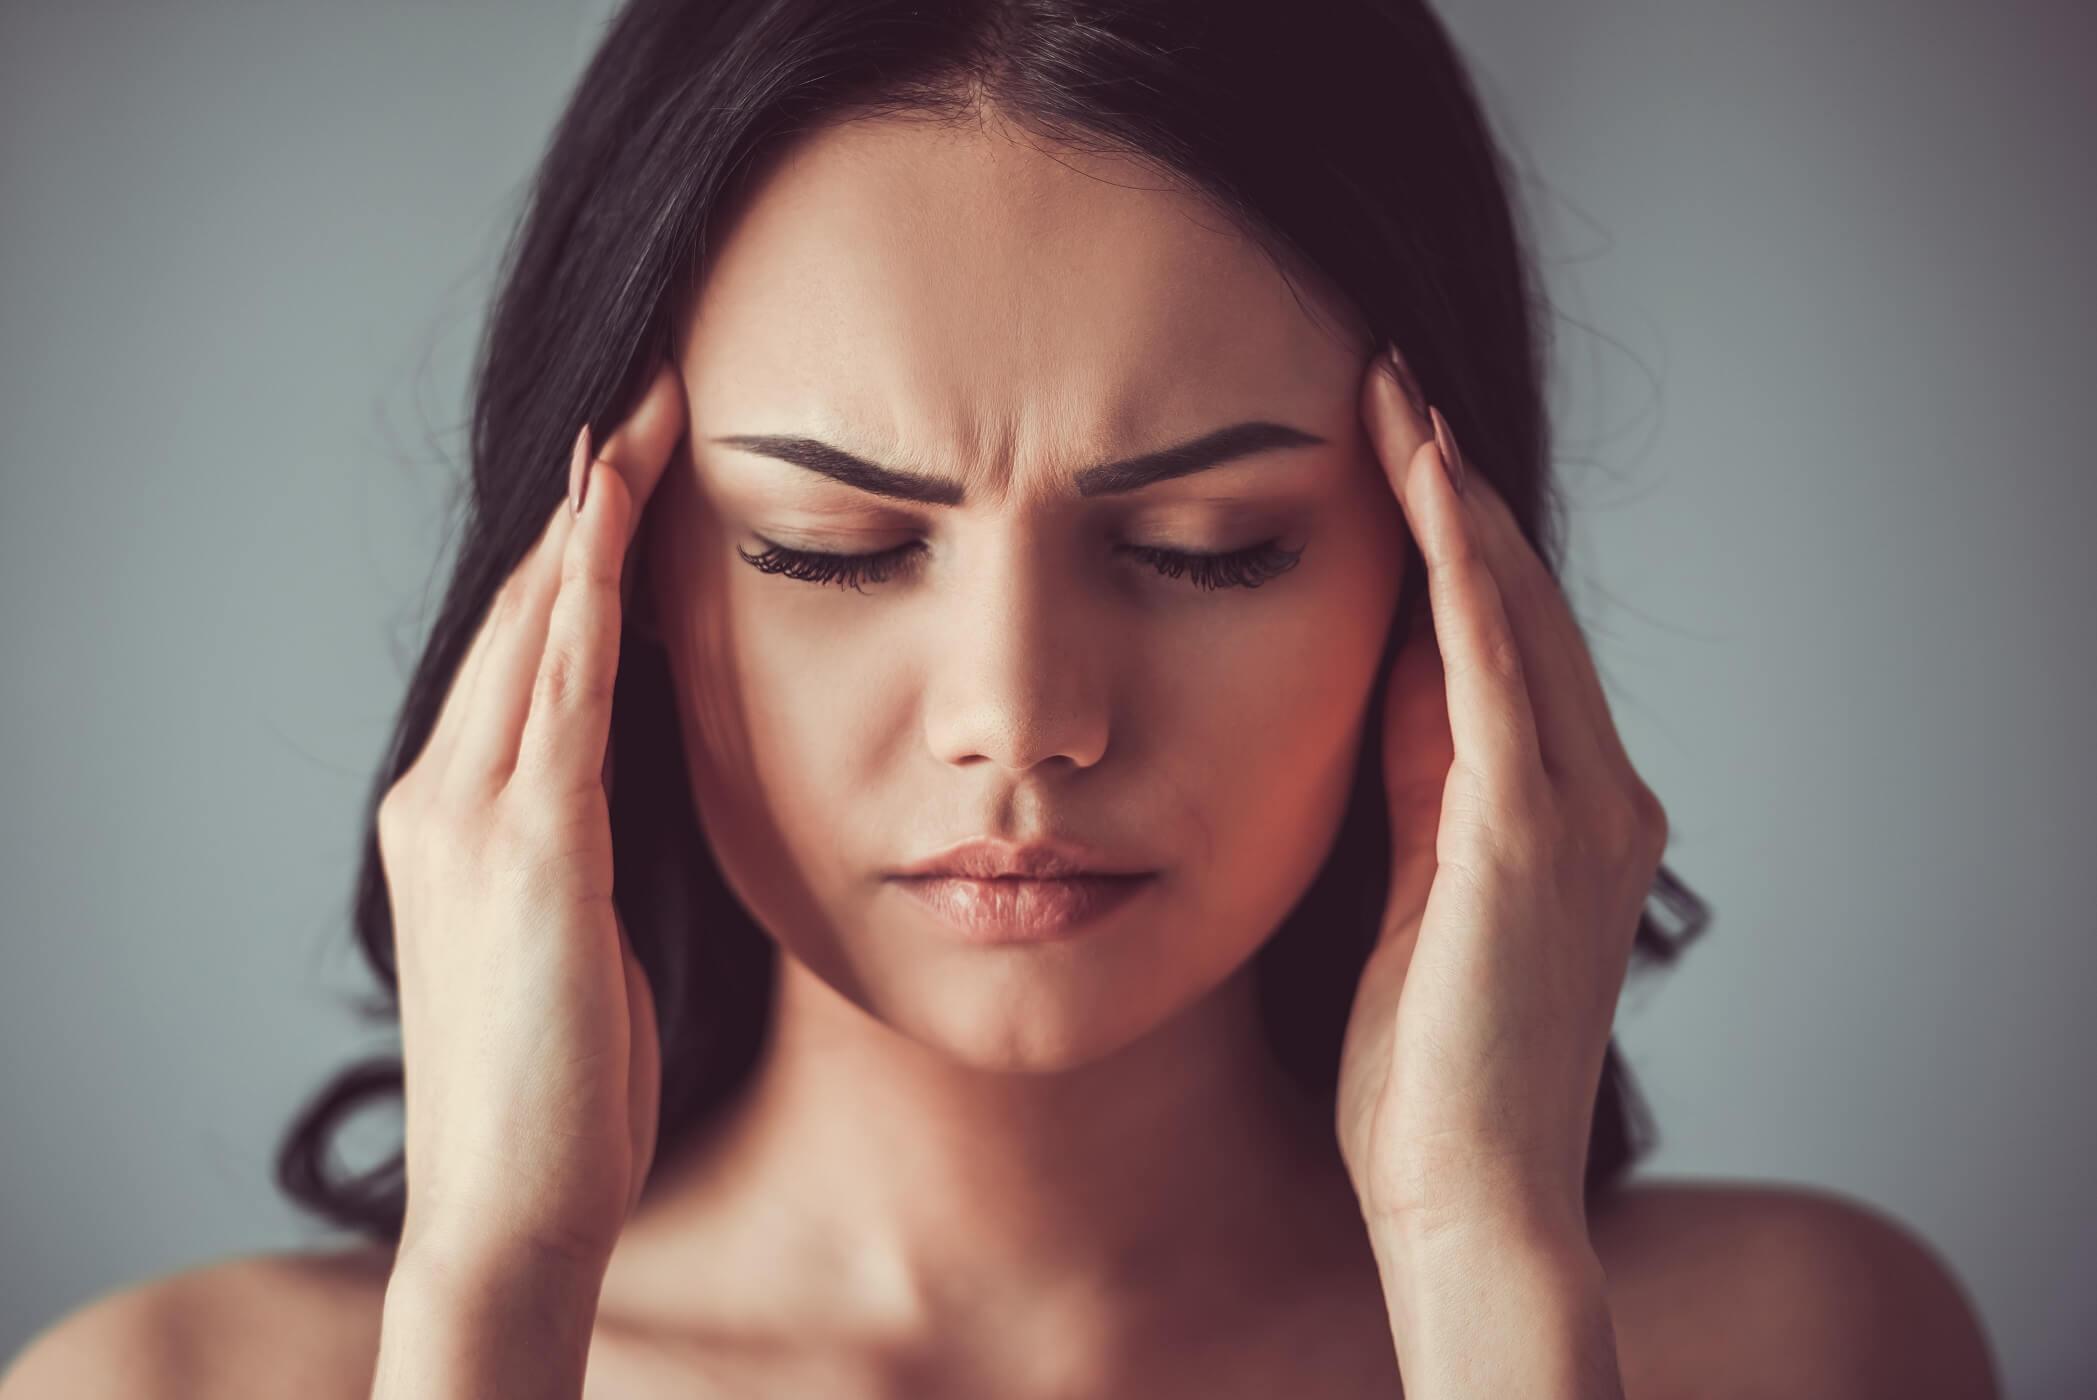 Migréna: Príznaky, príčiny a liečba migrény